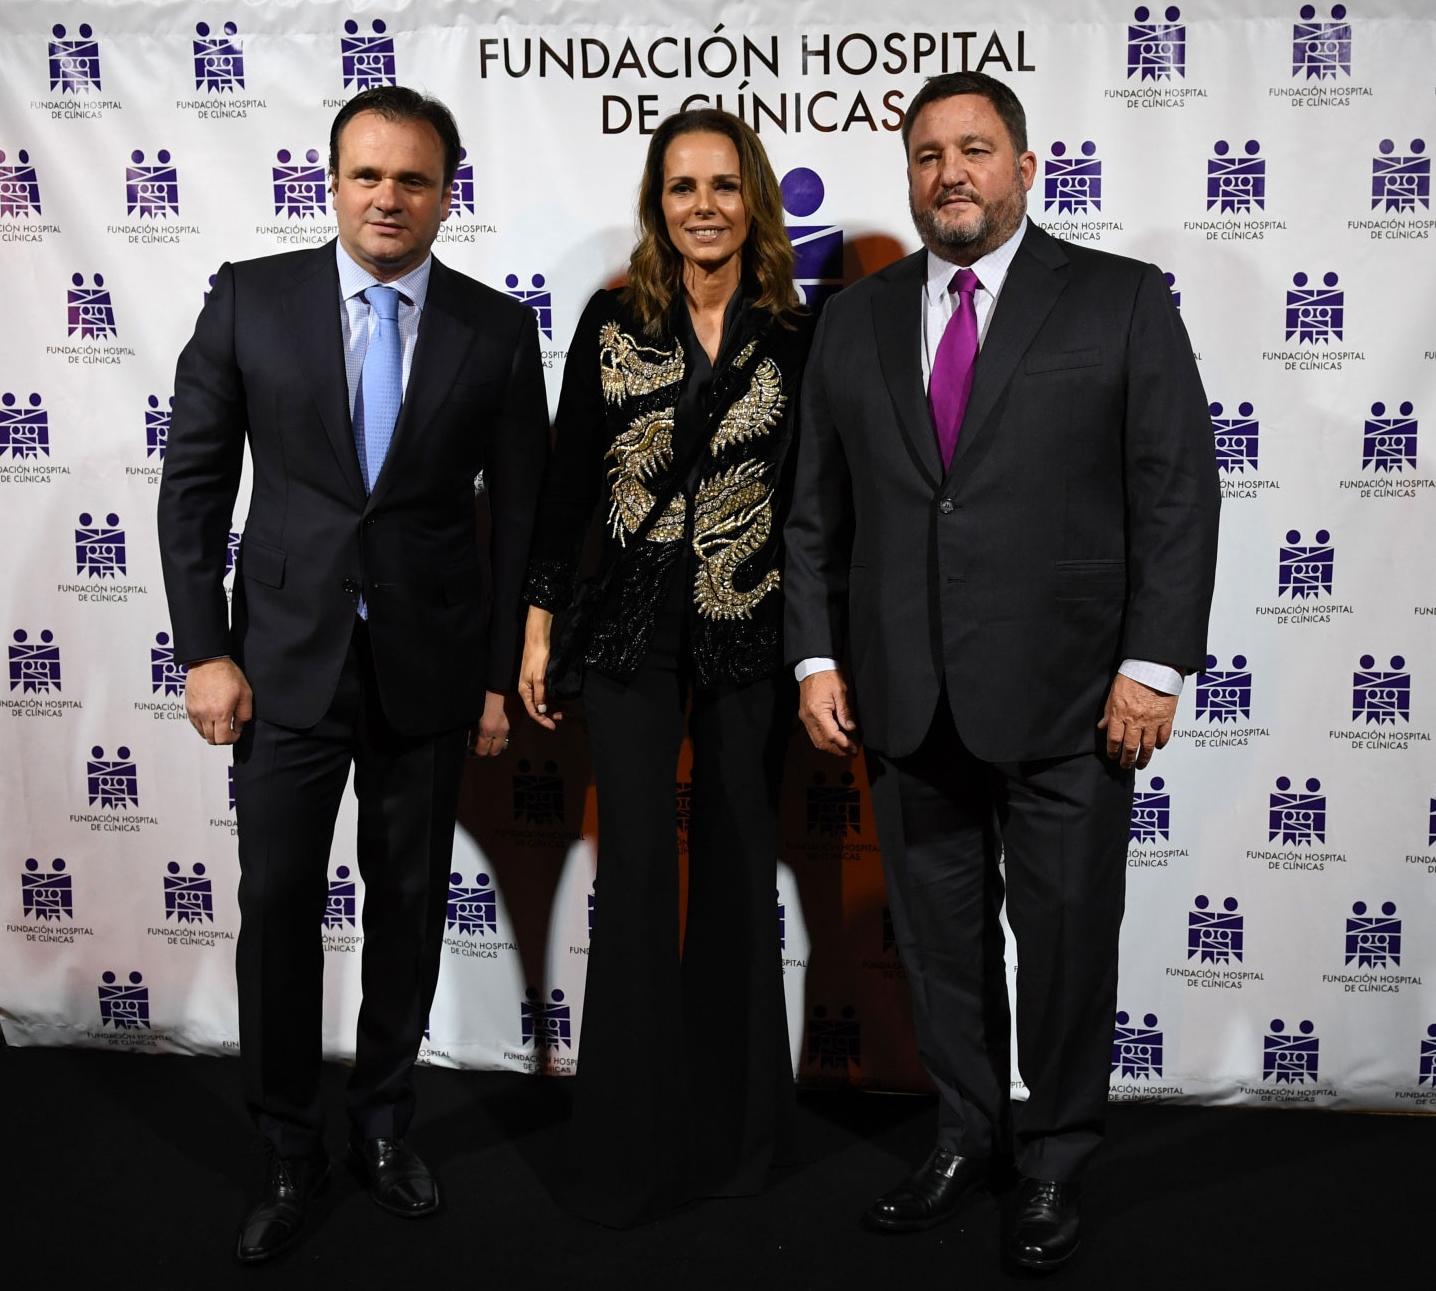 Juan Pablo Maglier, director de Relaciones Institucionales de La Rural y vocal de la Fundación, junto a Nathalie Sielecki y Alejandro Macfarlane